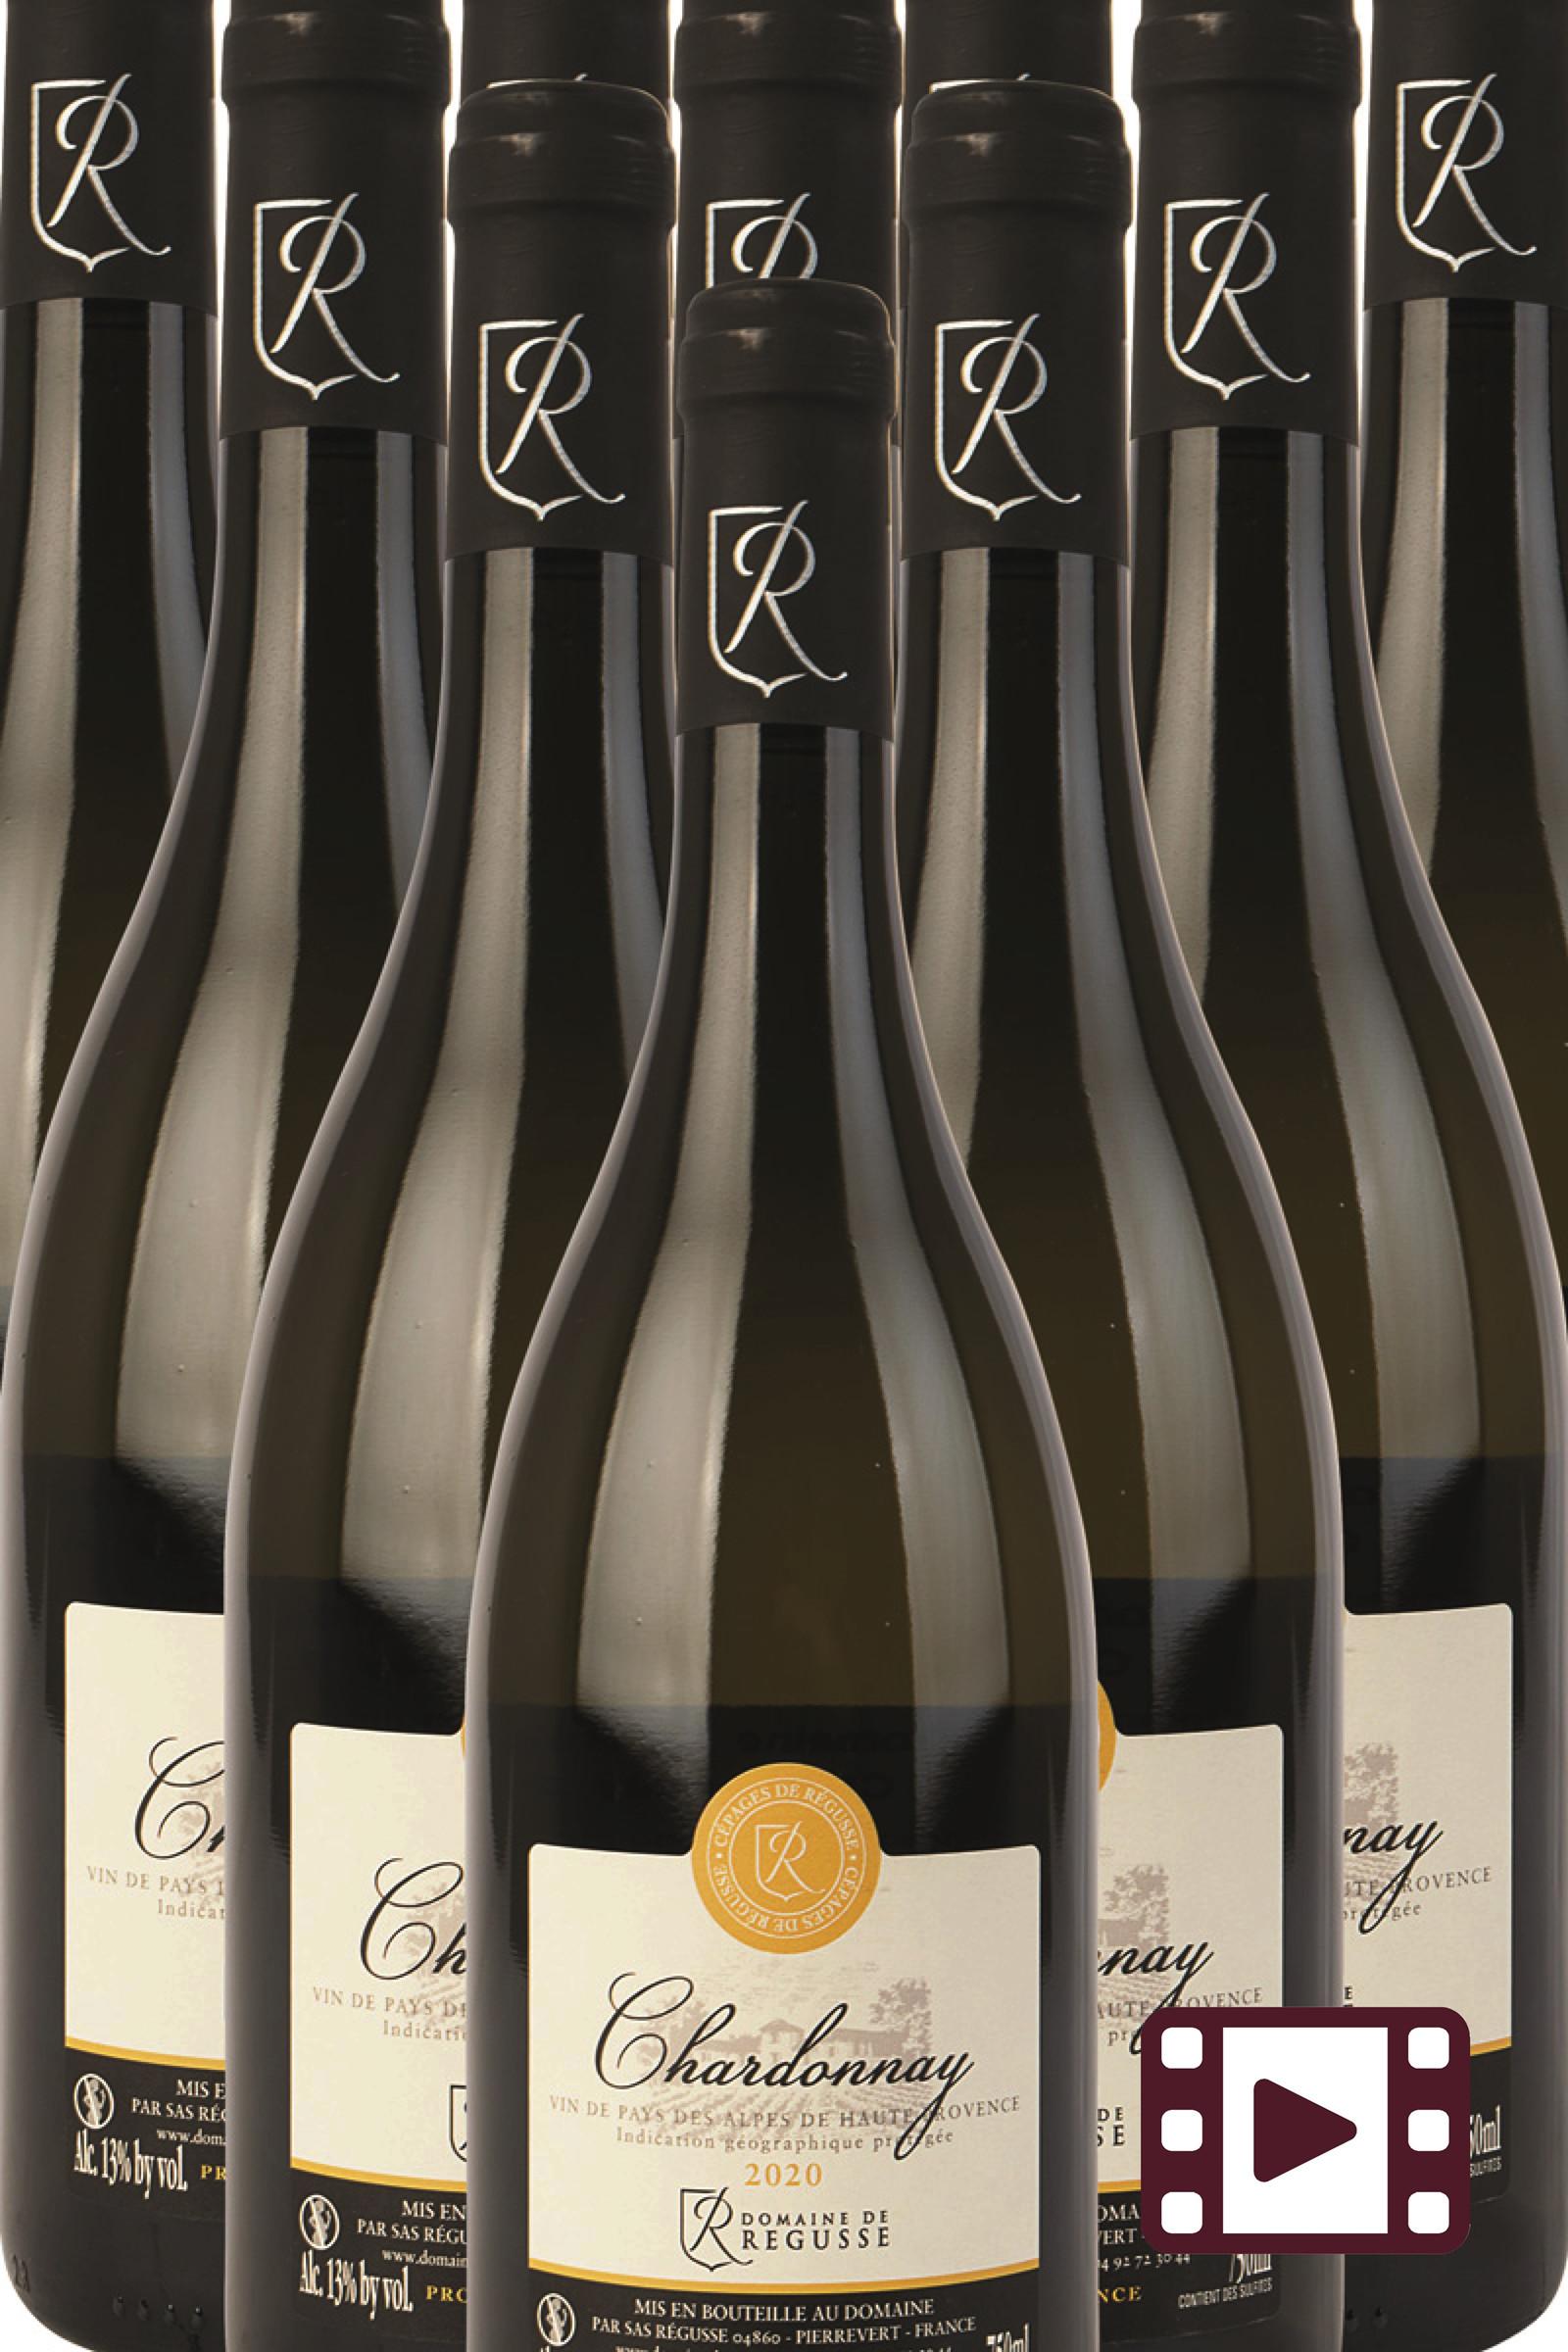 Domaine de Regusse Chardonnay